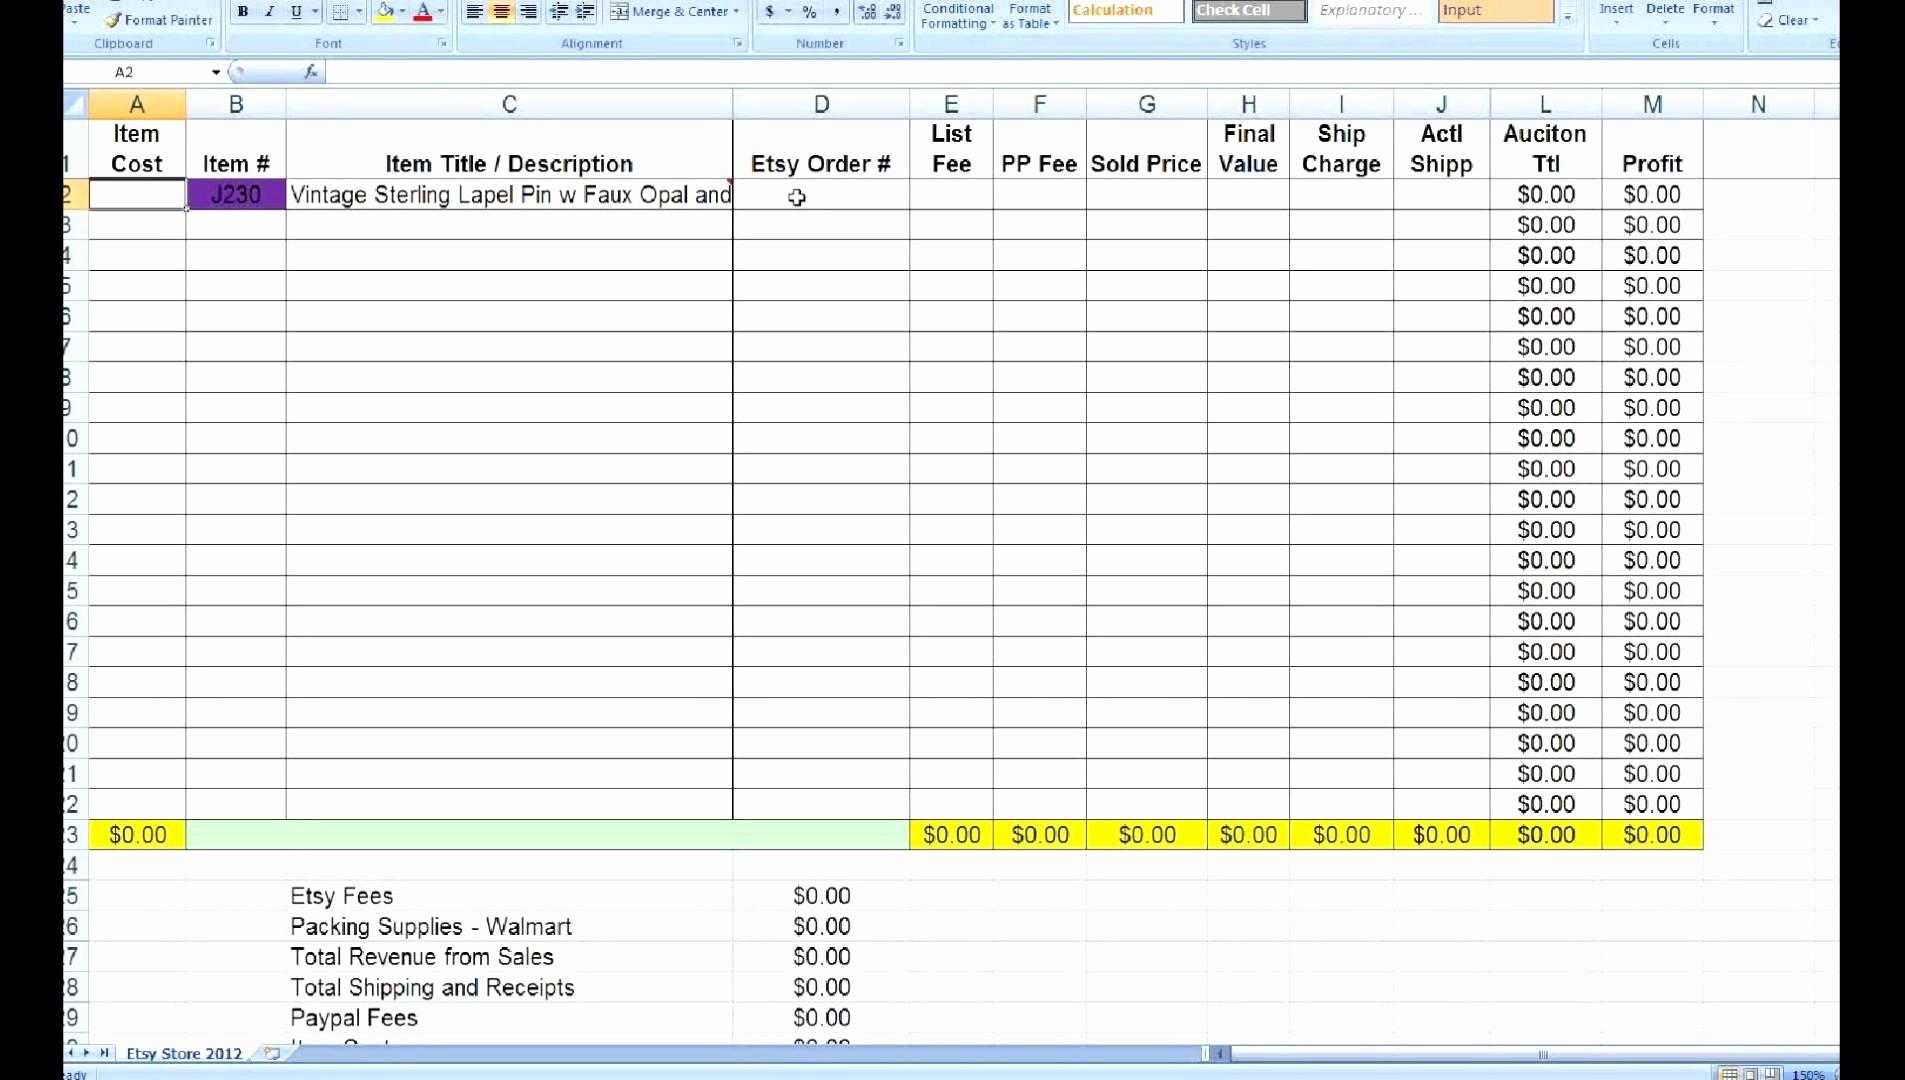 Fmla Leave Tracking Spreadsheet Regarding Fmla Leave Tracker Form